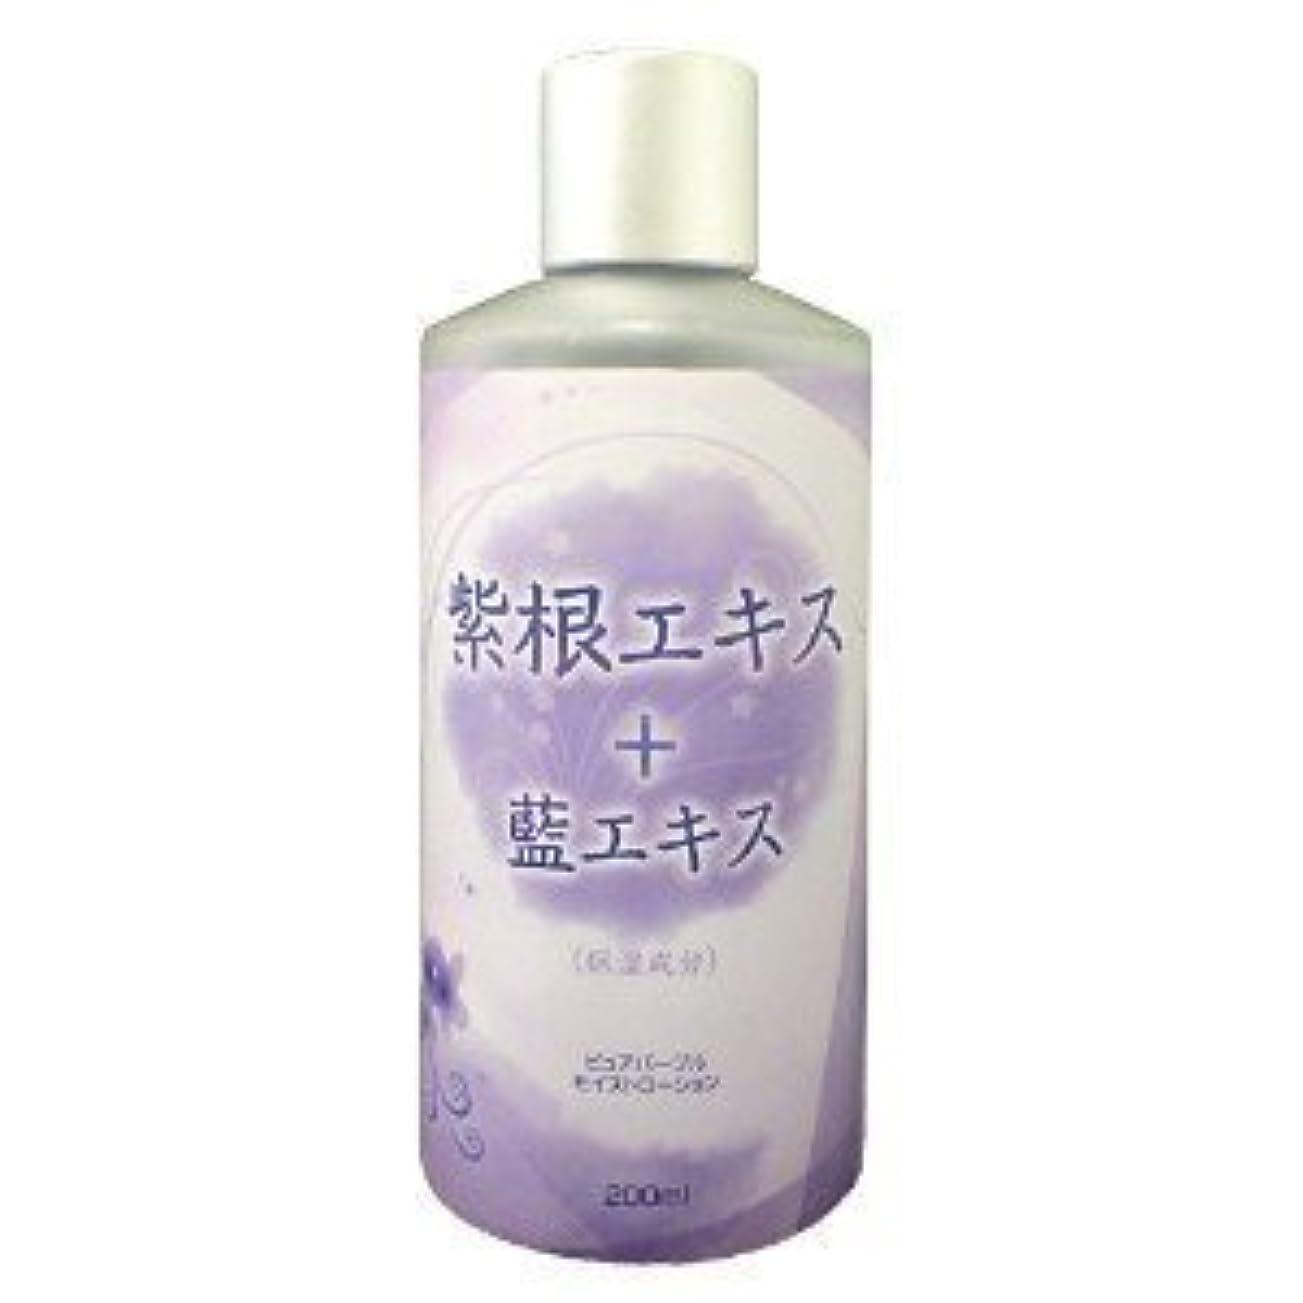 3本セット ピュアパープルモイストローション シコン ( 紫根 ) 化粧水 藍エキス入り200ml